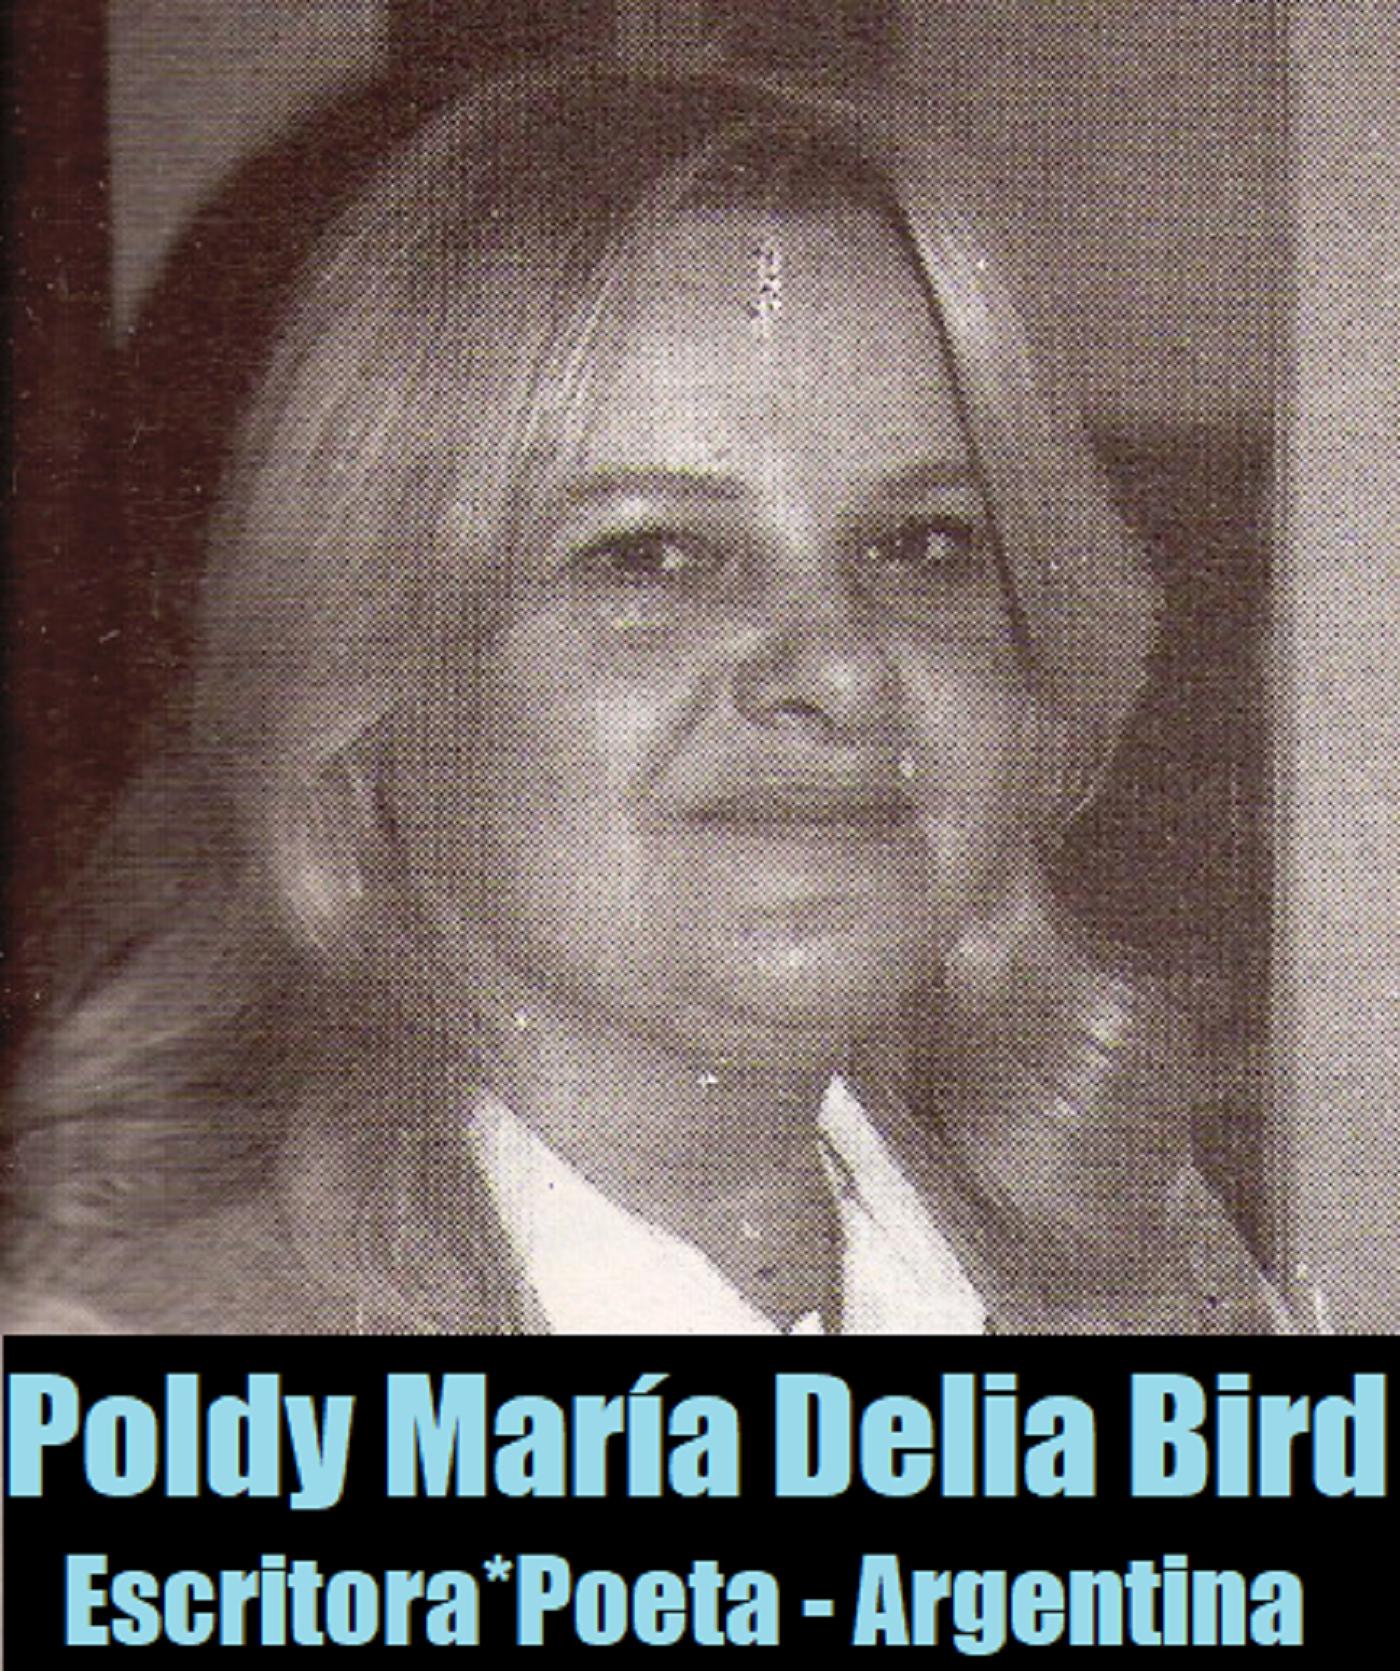 Poldy María Delia Bird2.png